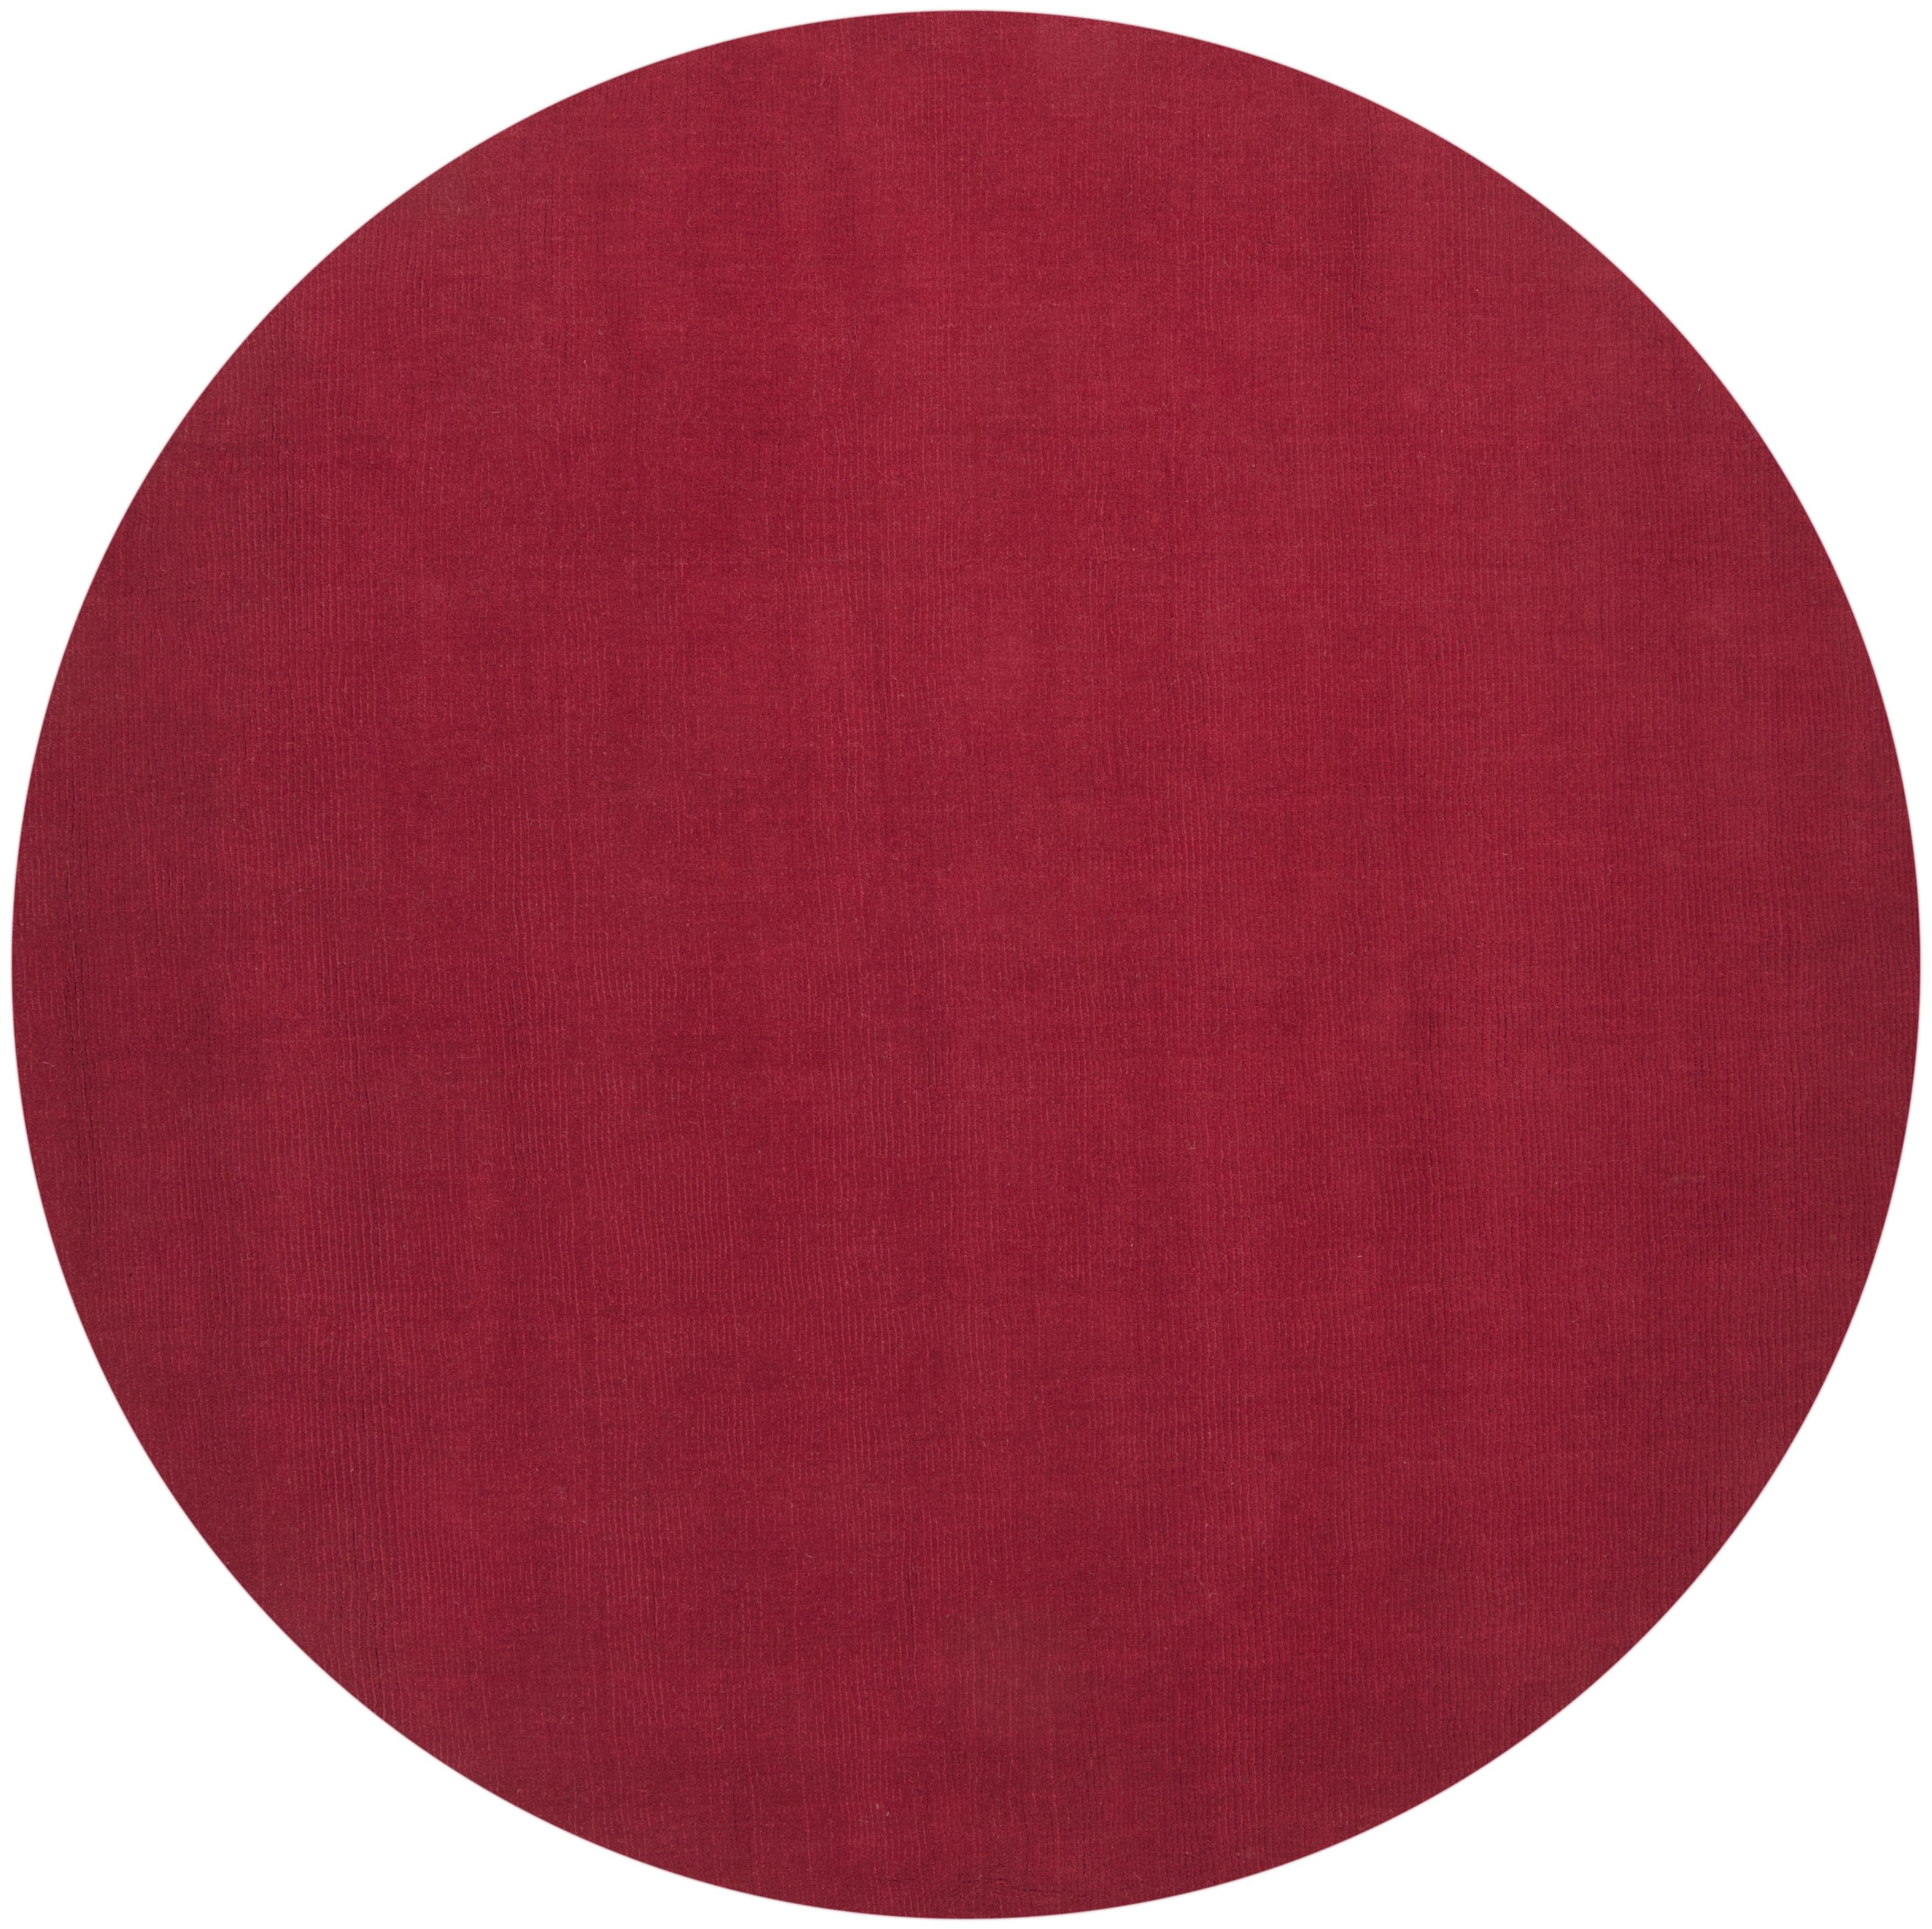 Surya Mystique 8' Round - Item Number: M333-8RD